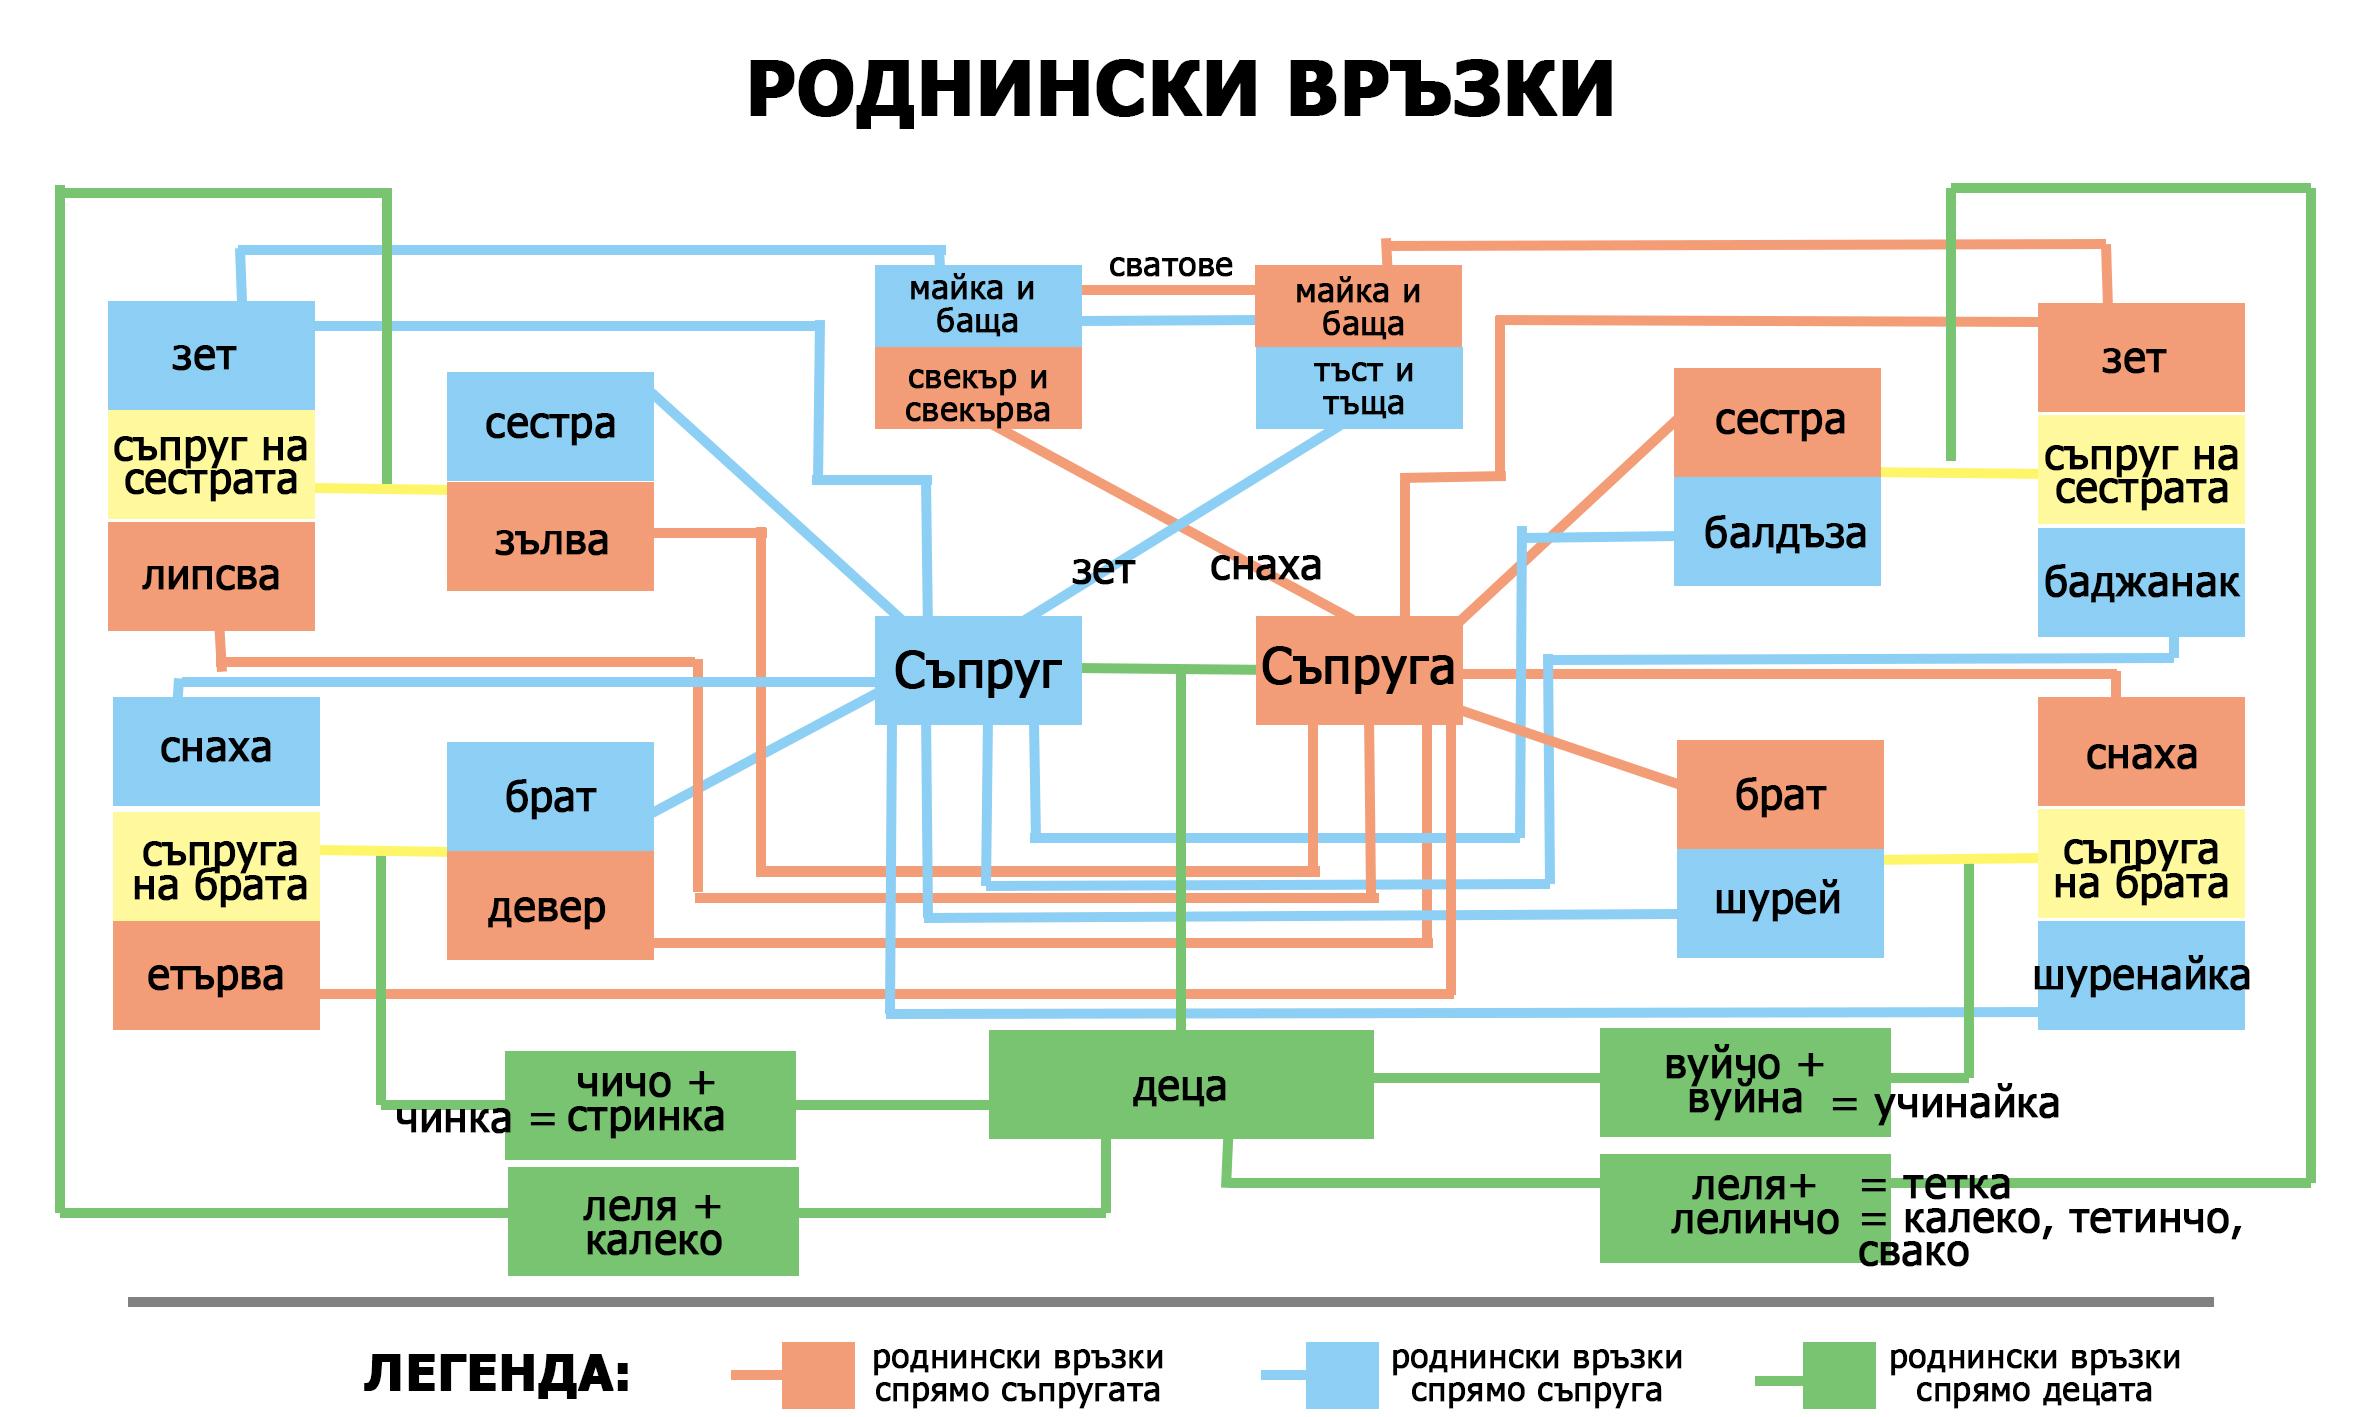 Роднински връзки в България